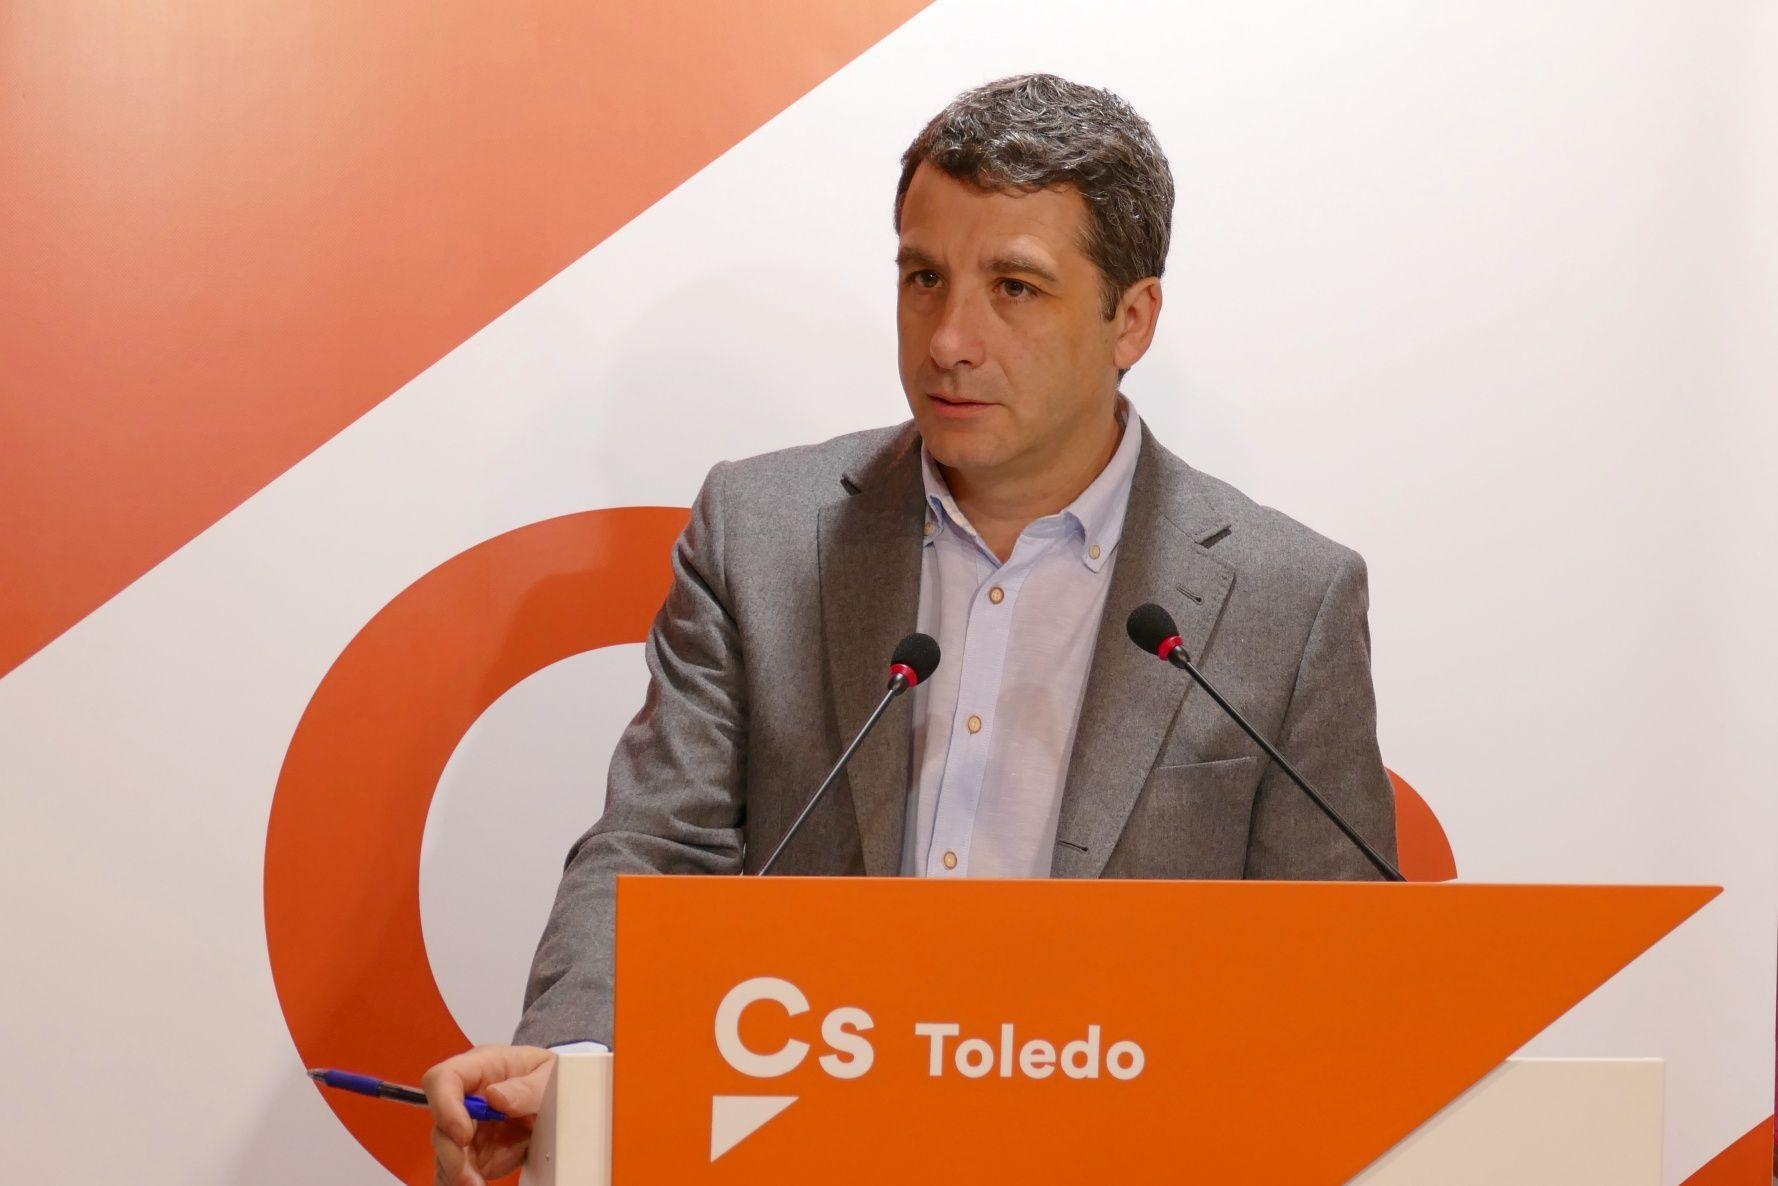 """Esteban Paños: """"Es inadmisible que el gobierno local siga excluyendo a la oposición de asuntos clave como la contratación de personal"""""""